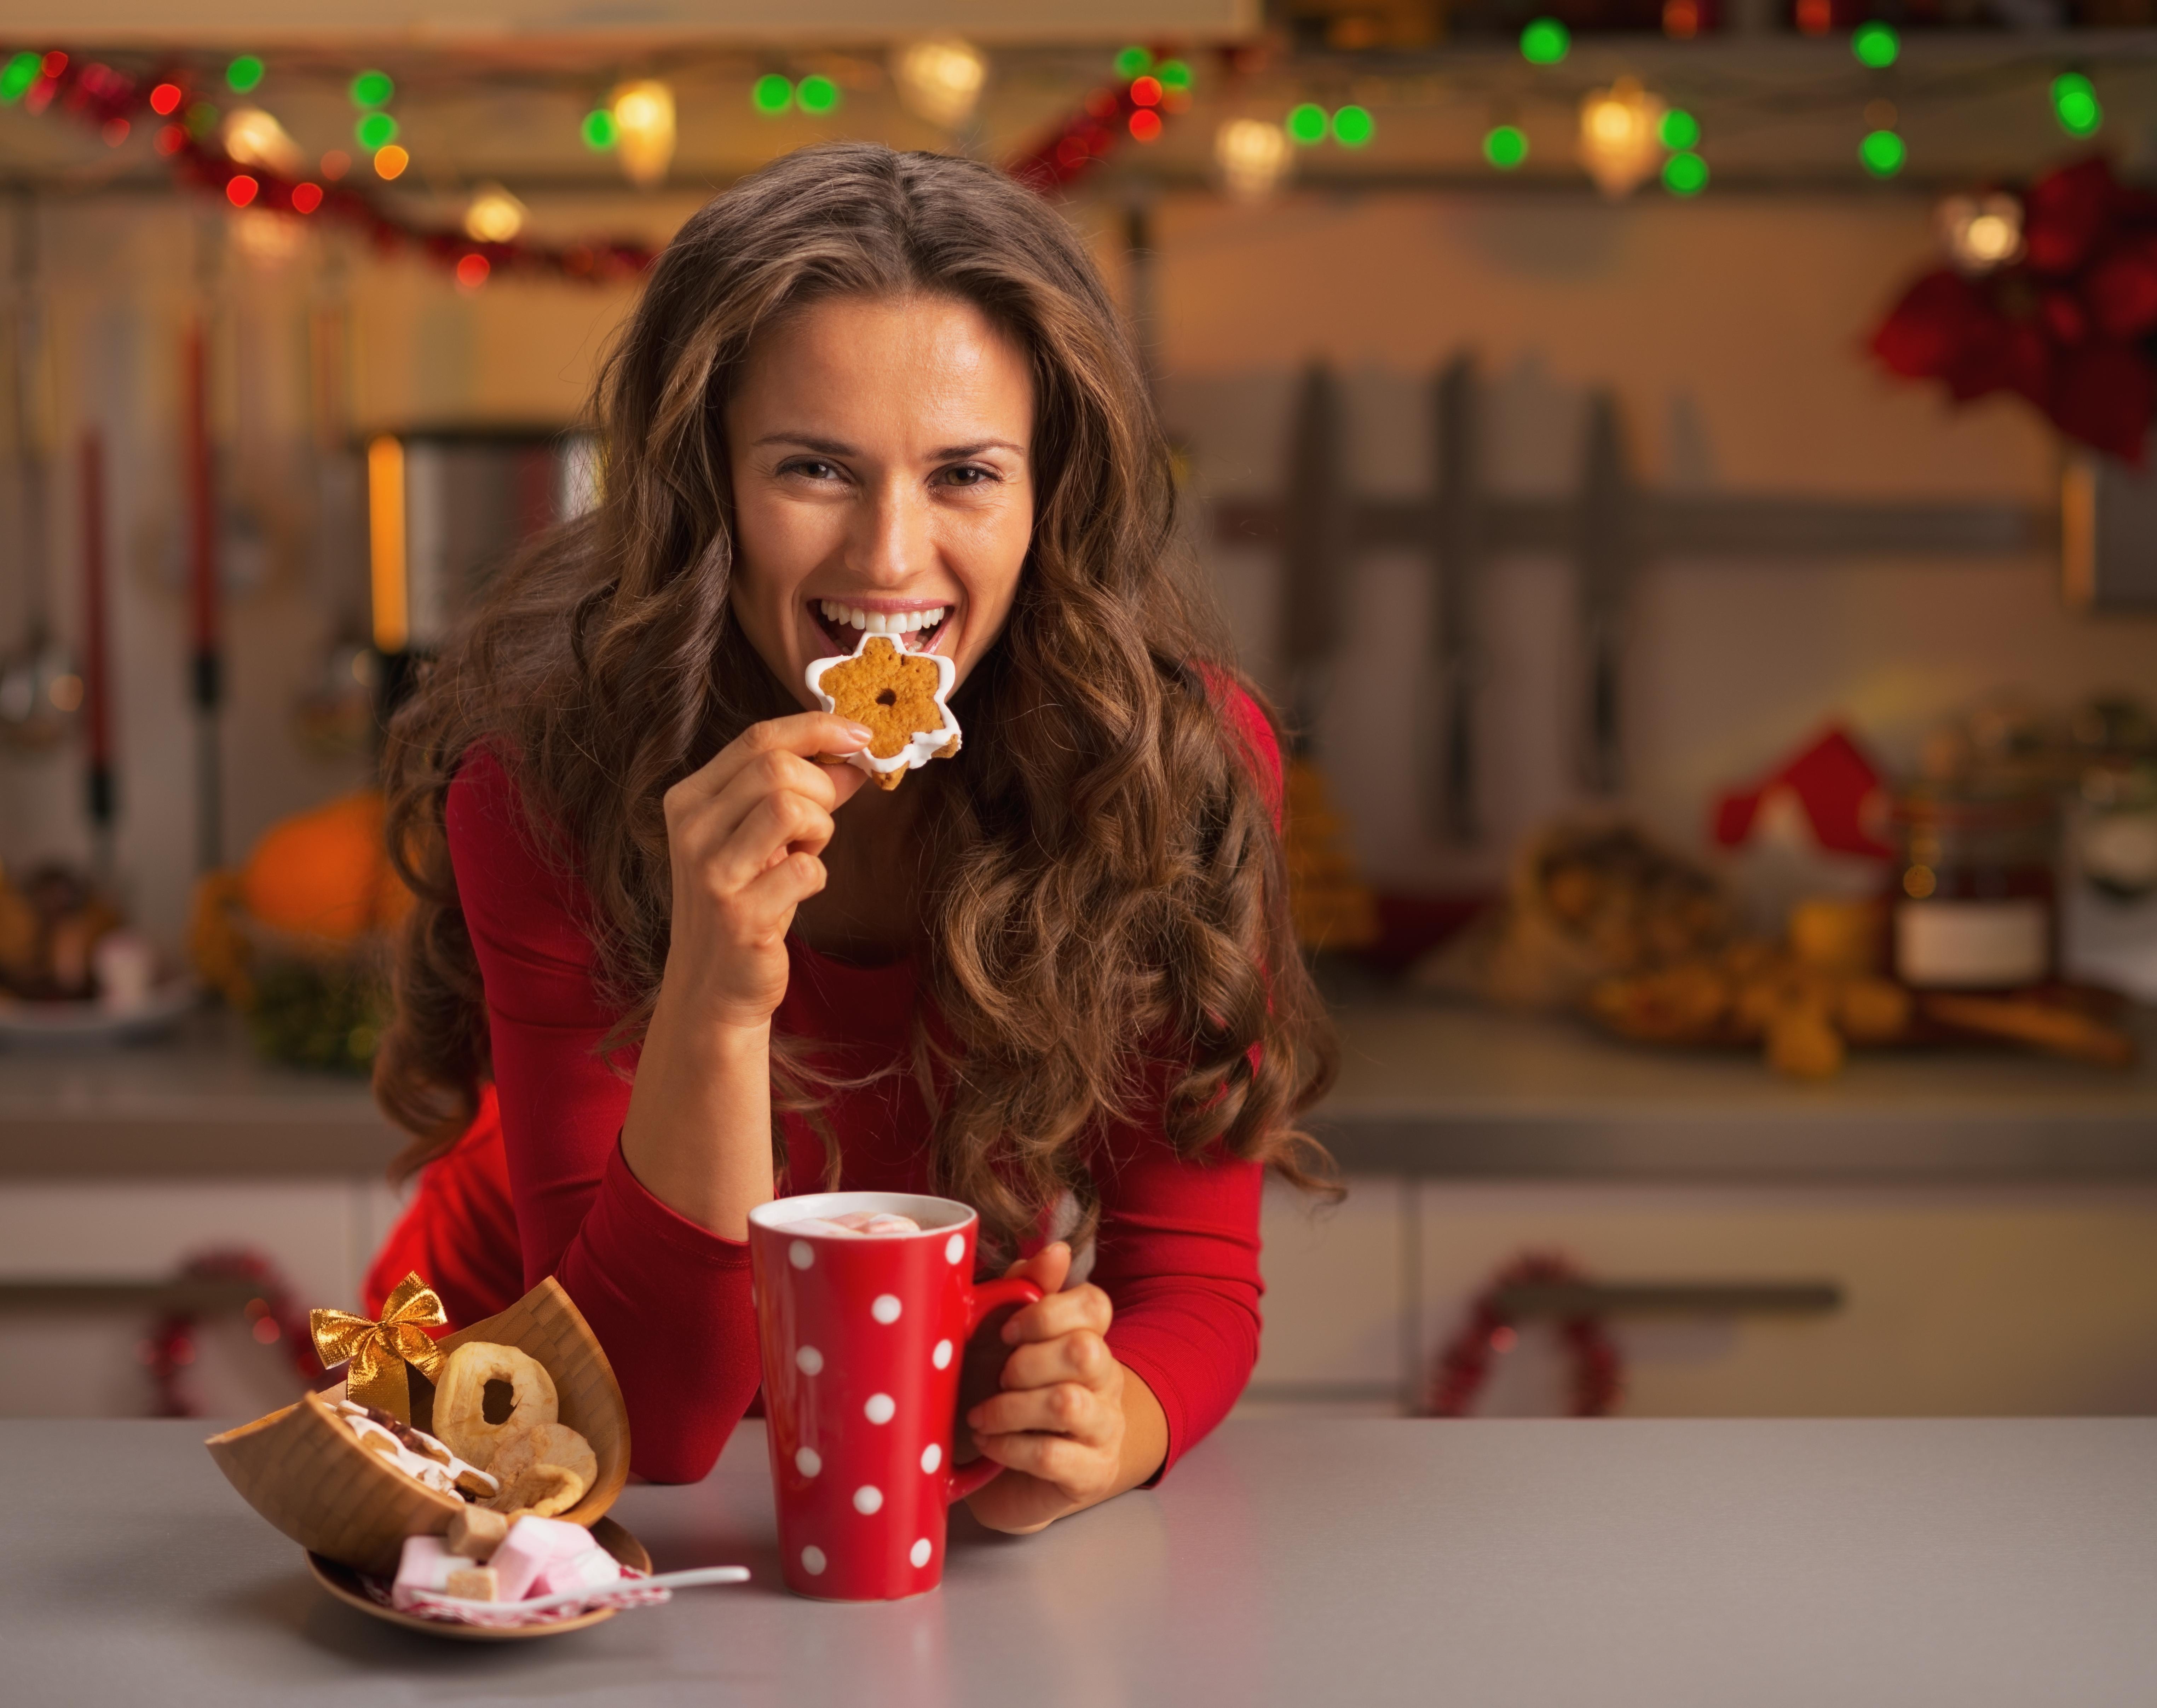 Single Eating Cookie